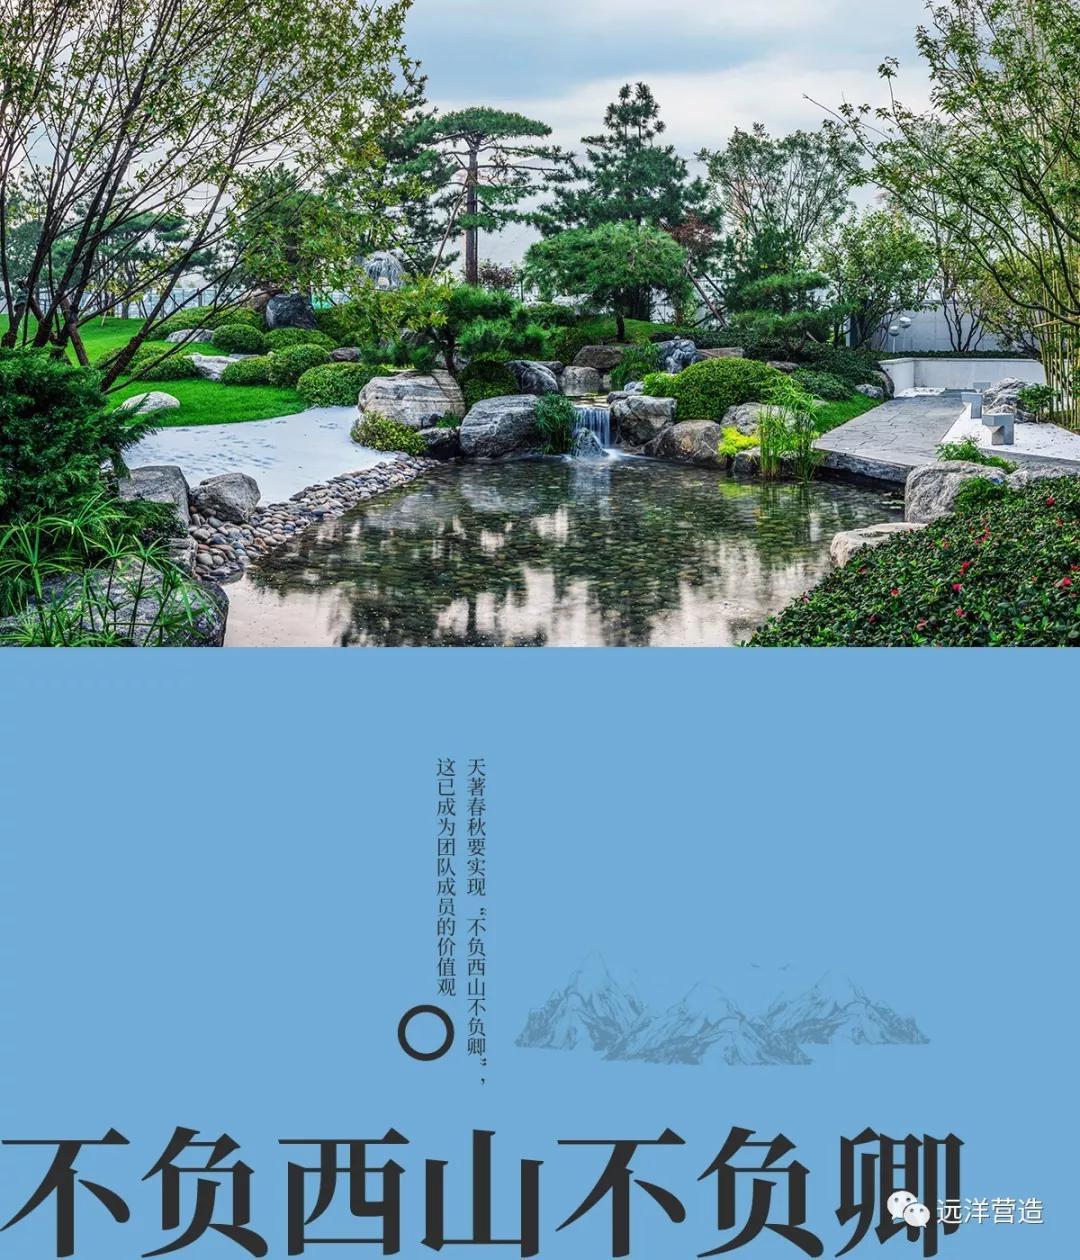 质|解构建筑界的蒙娜丽莎--北京名单天著春广州室内设计有什么大专学校远洋图片